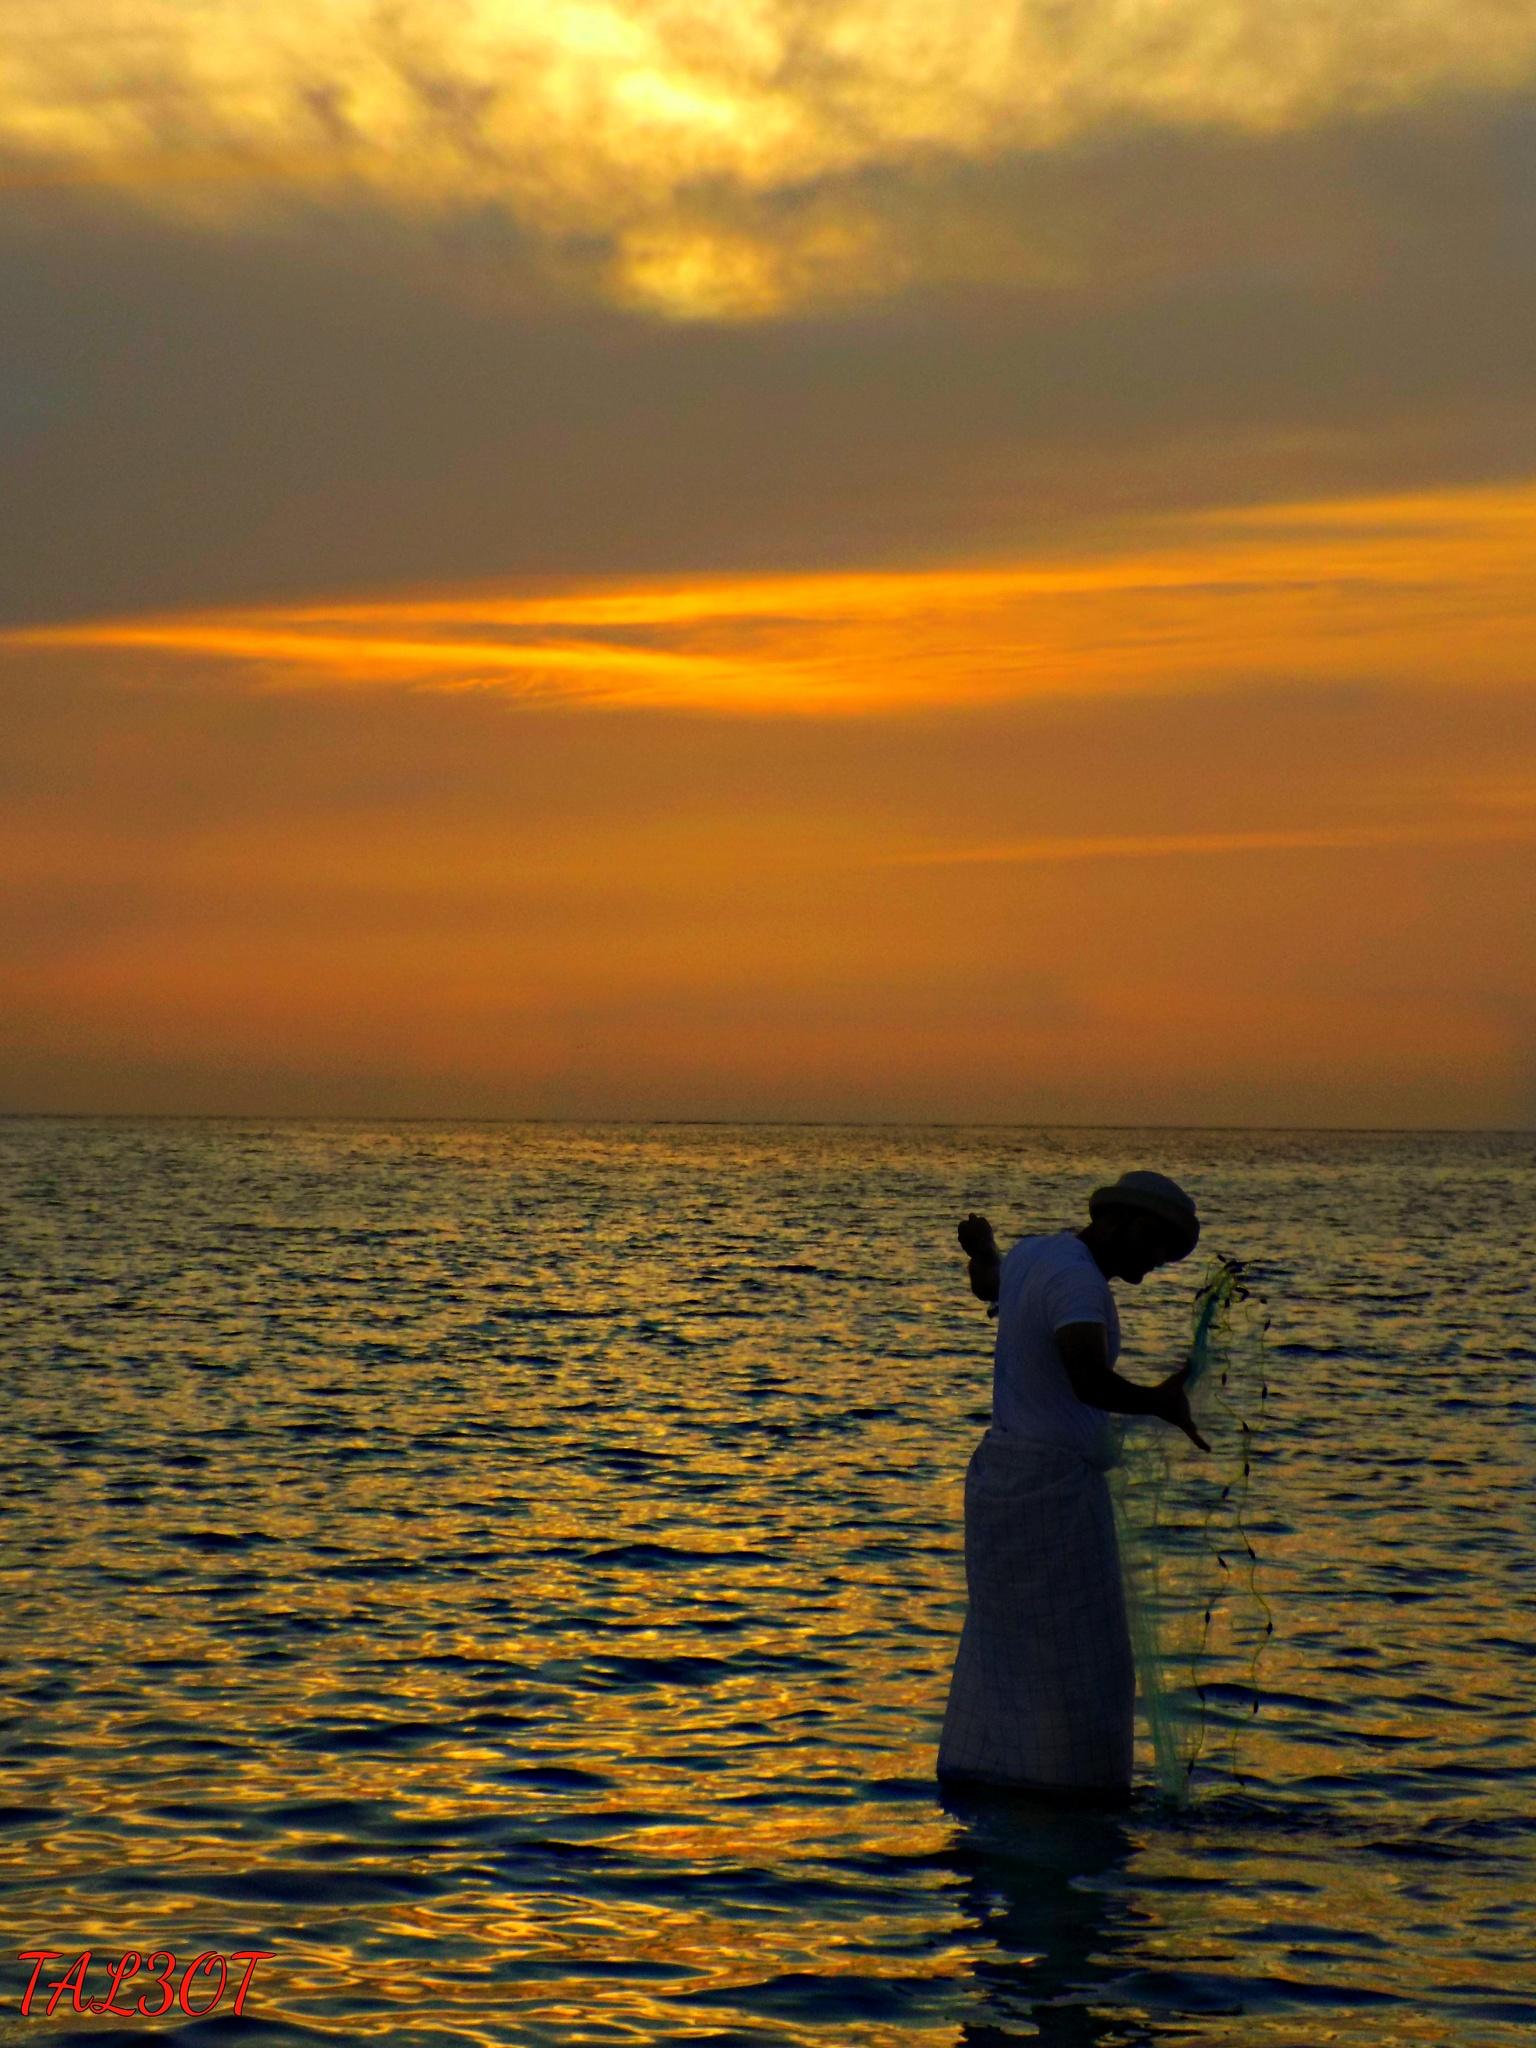 Fisherman by Tal3ot